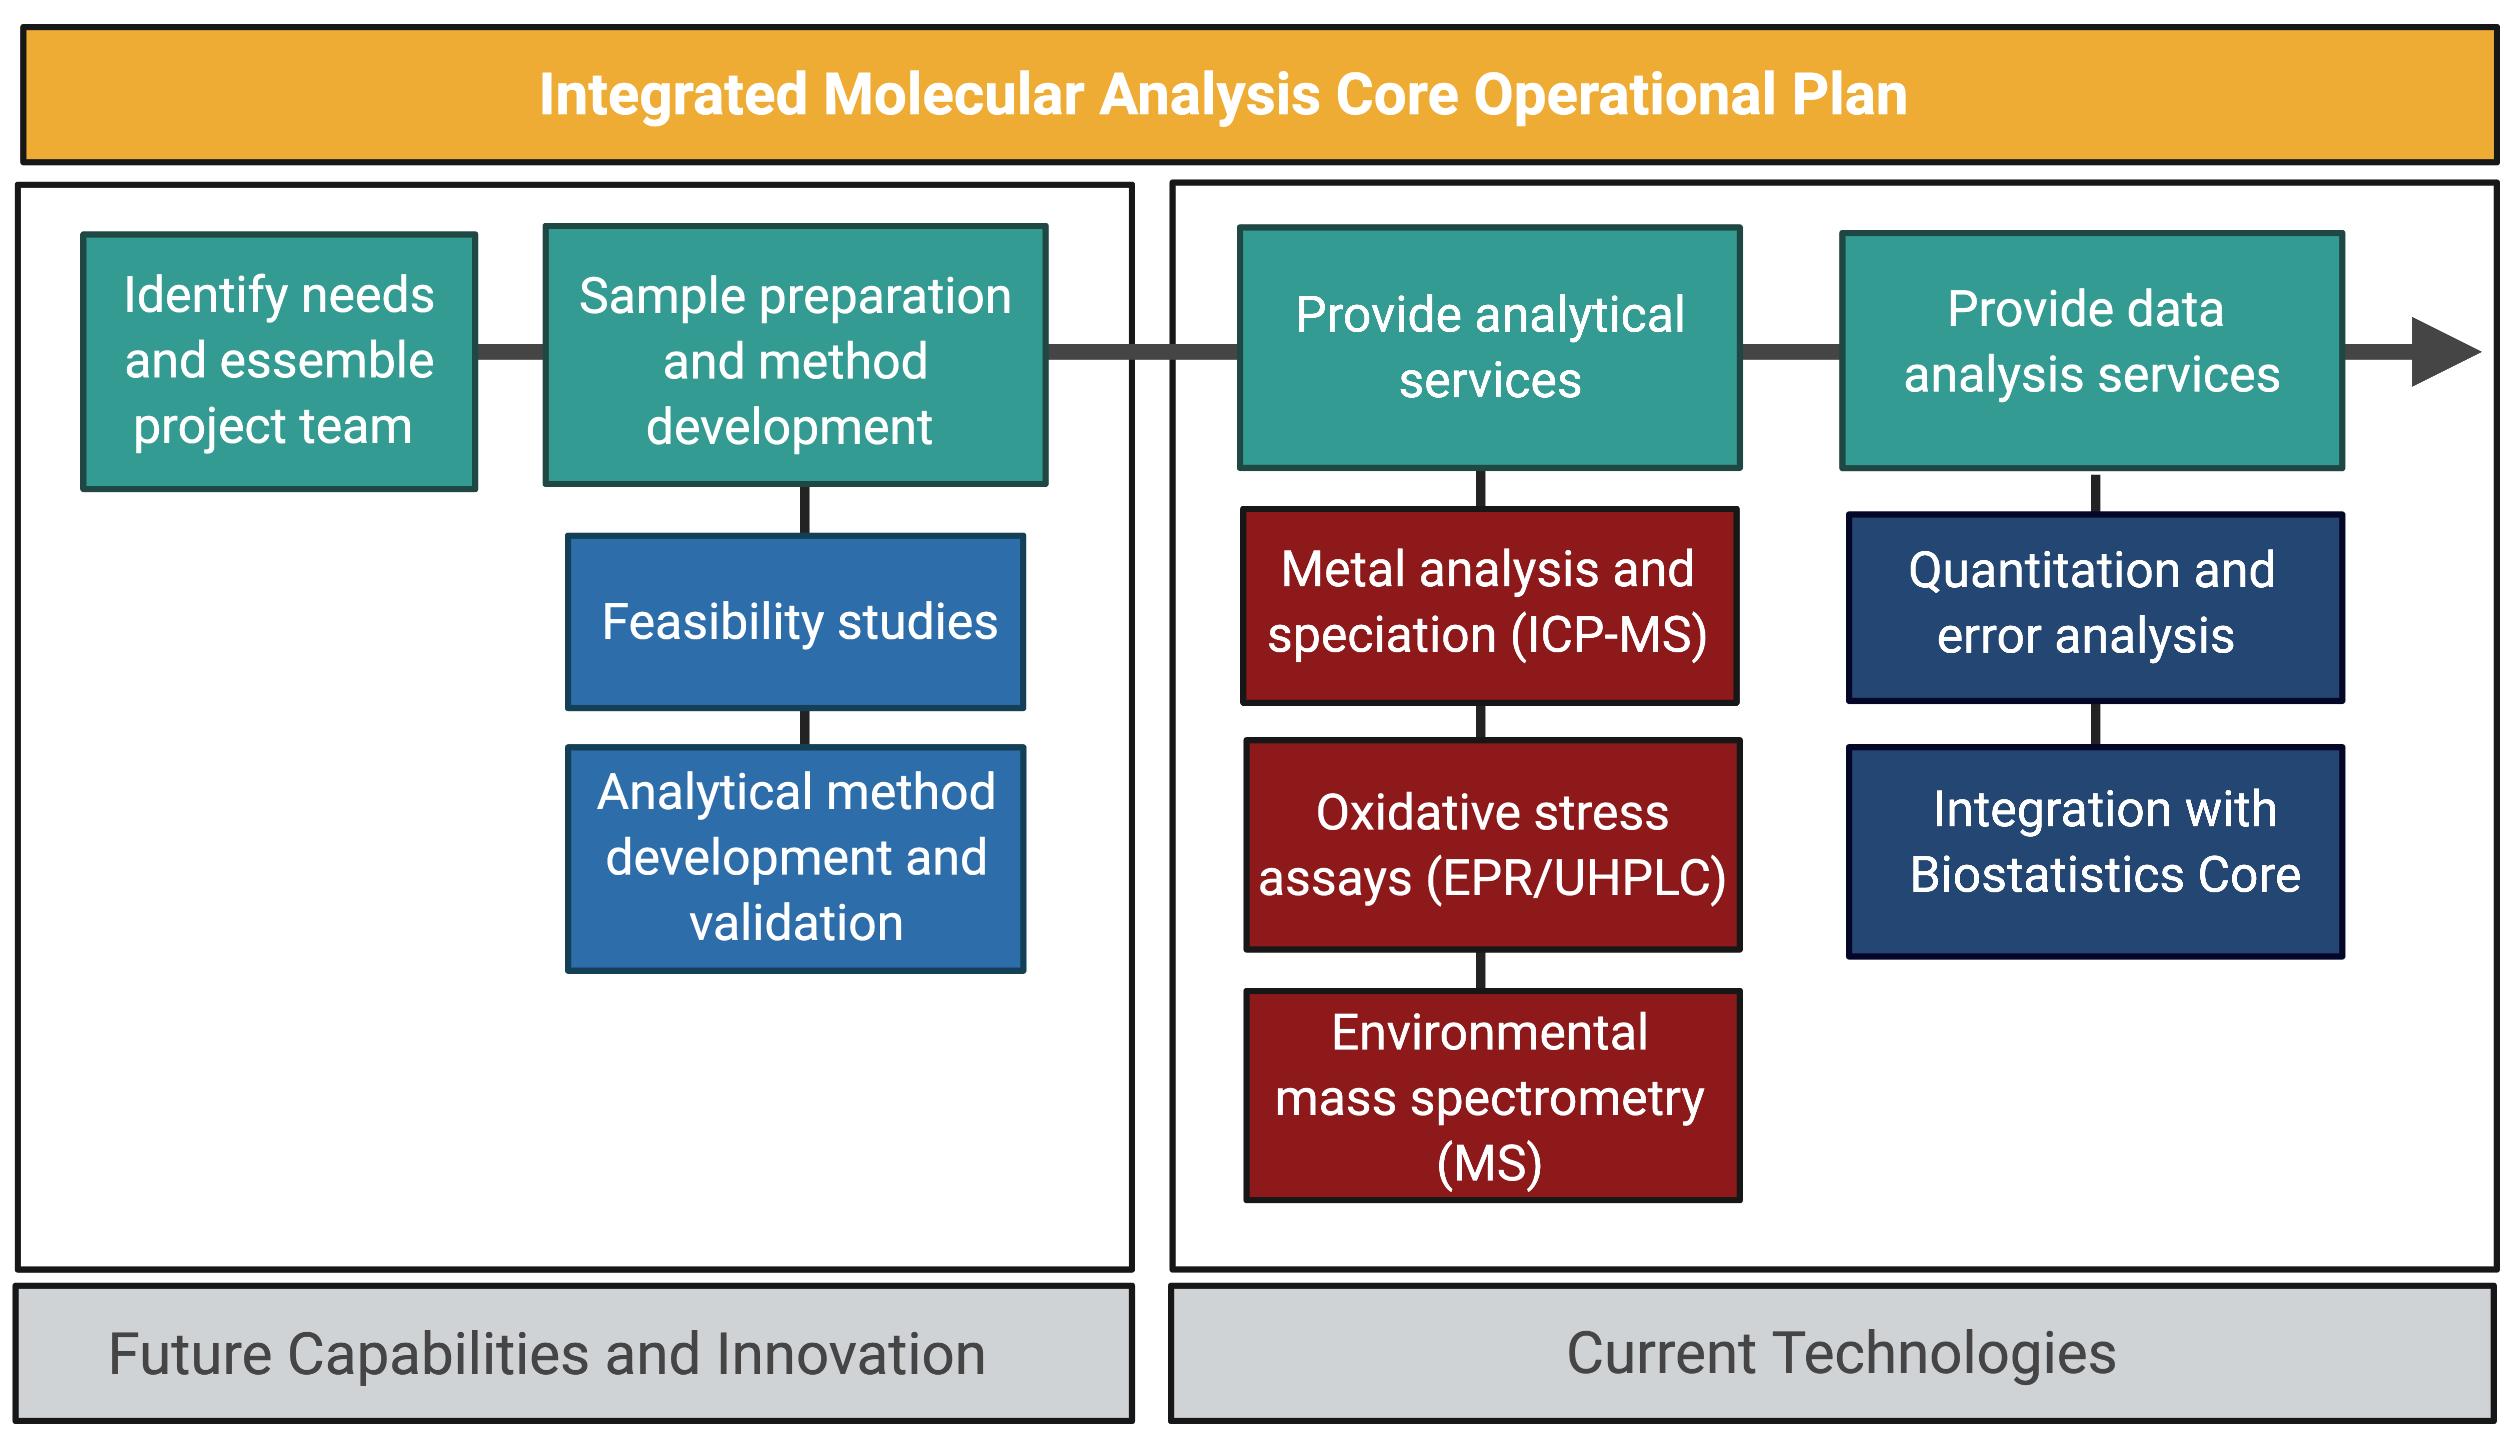 תוכנית מבצעית משולבת של ניתוח מולקולרי